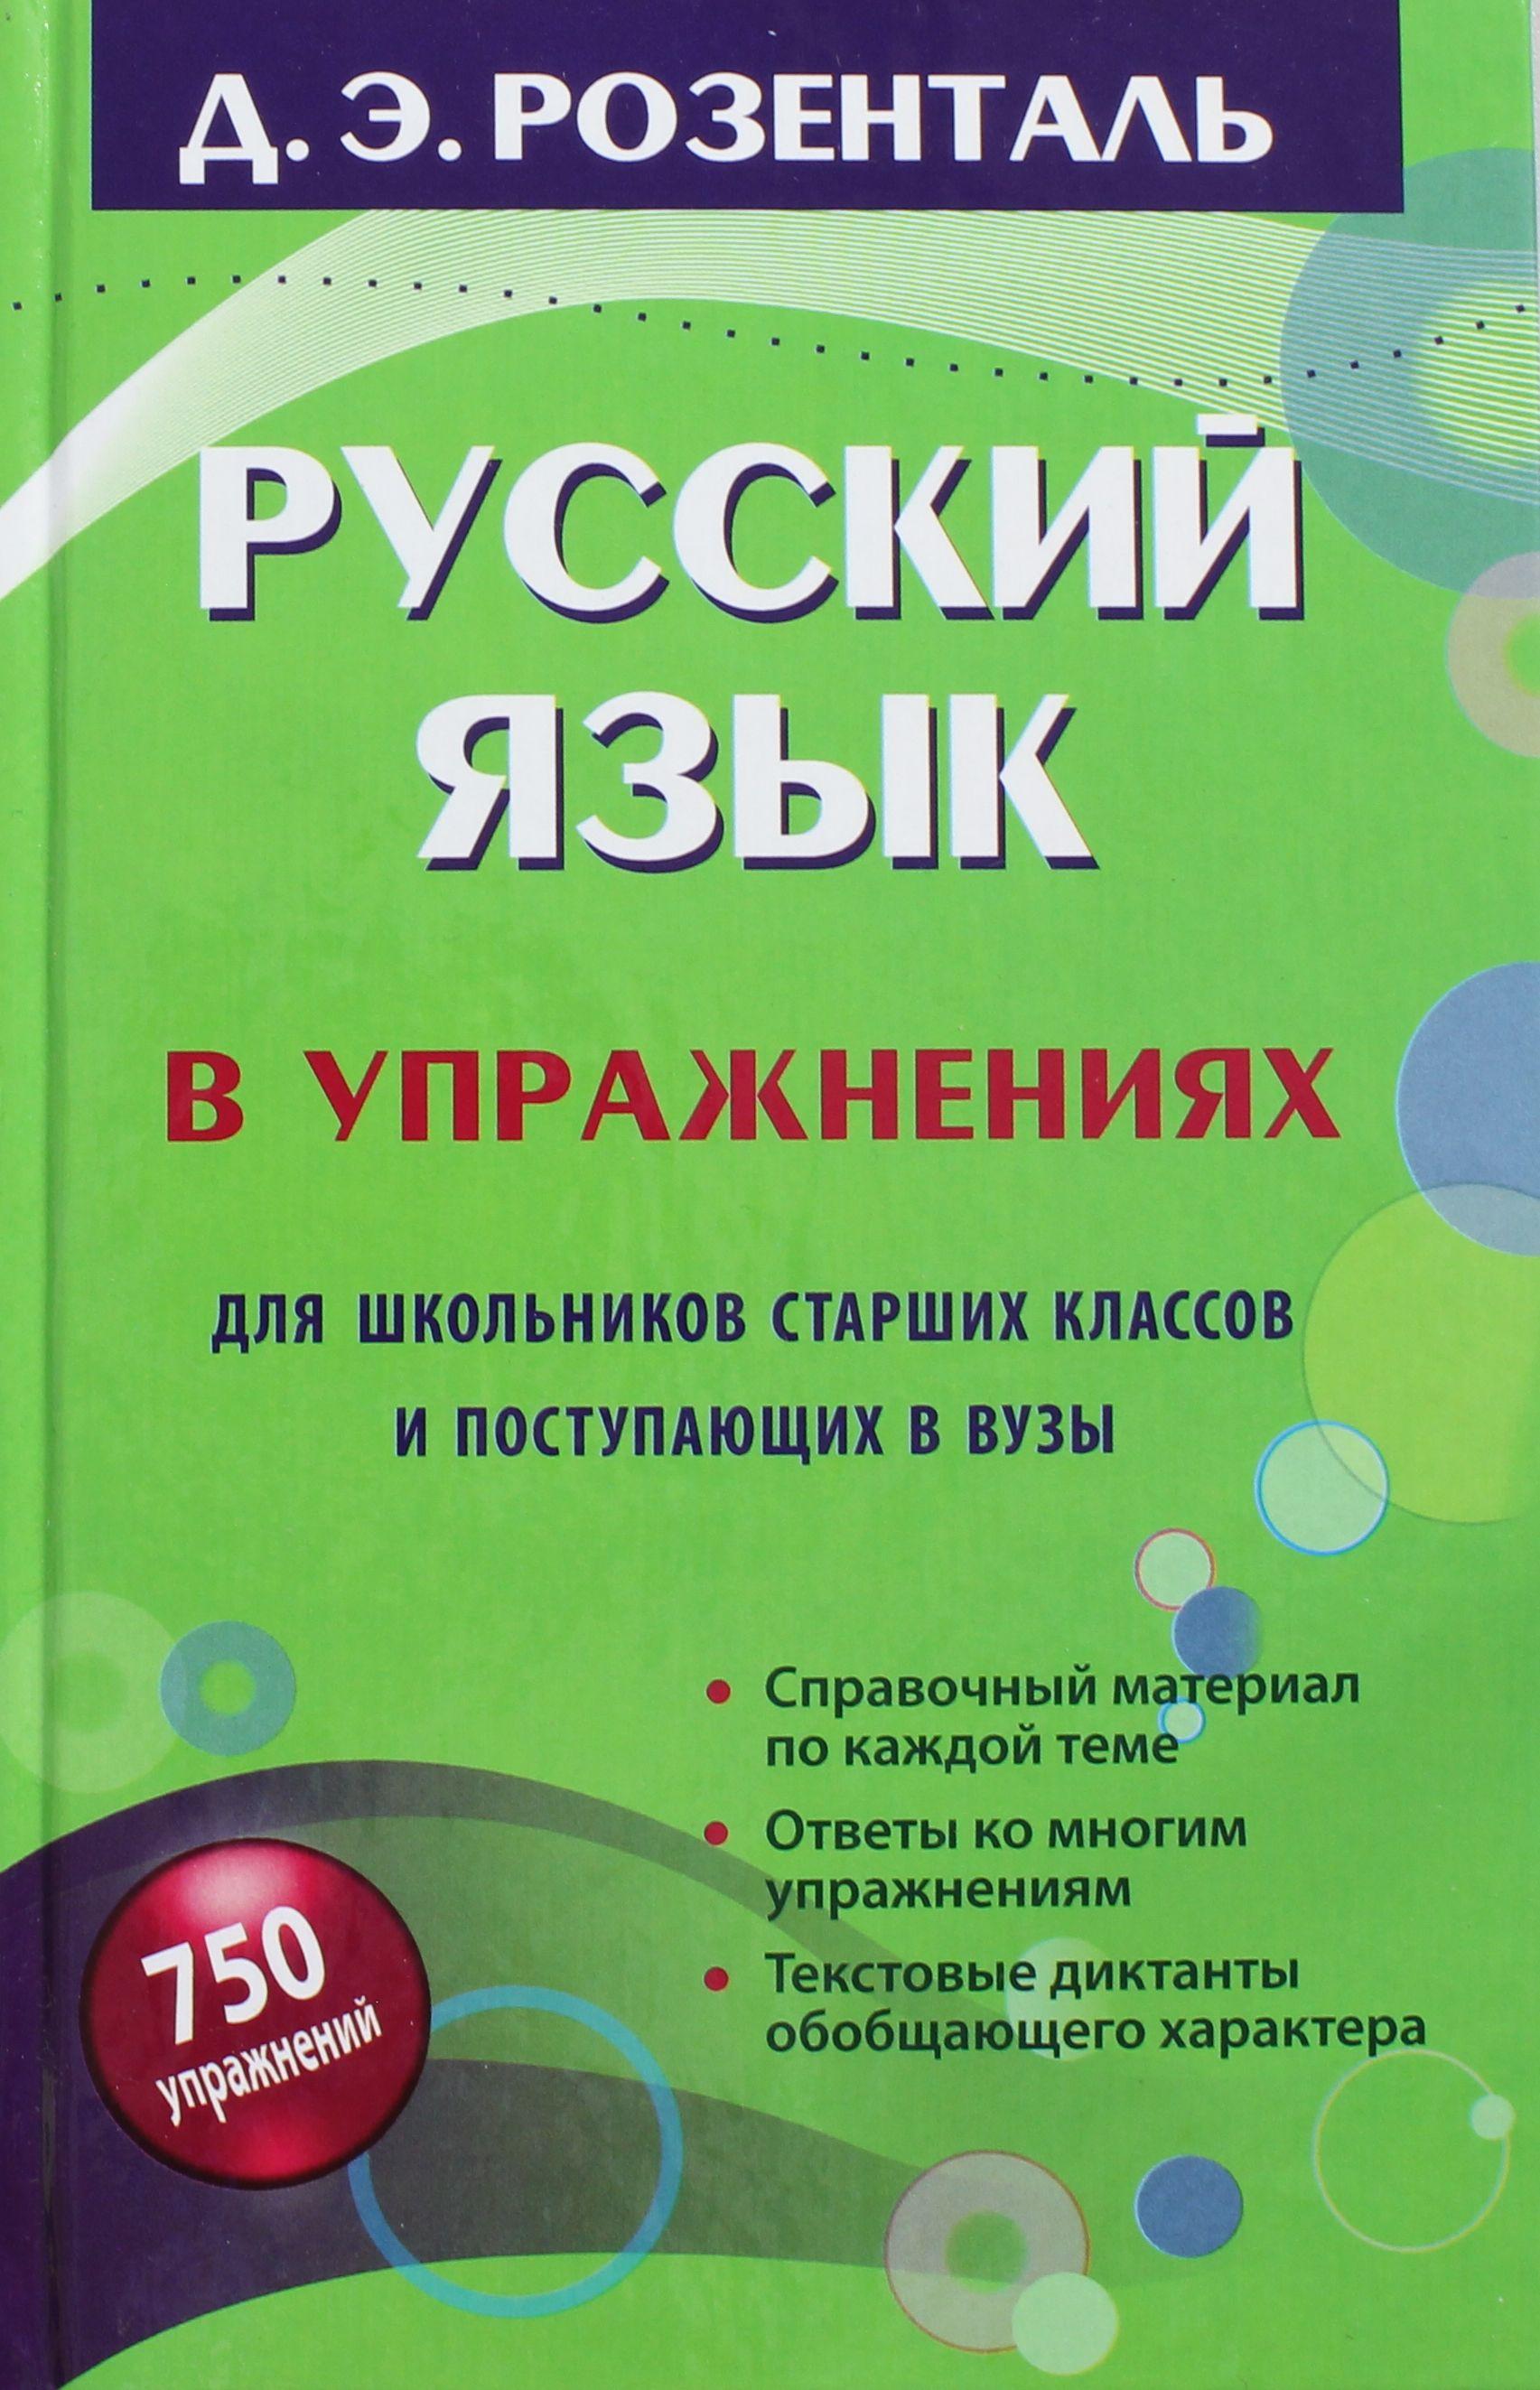 Russkij jazyk v uprazhnenijakh. Dlja shkolnikov starshikh klassov i postupajuschikh v vuzy